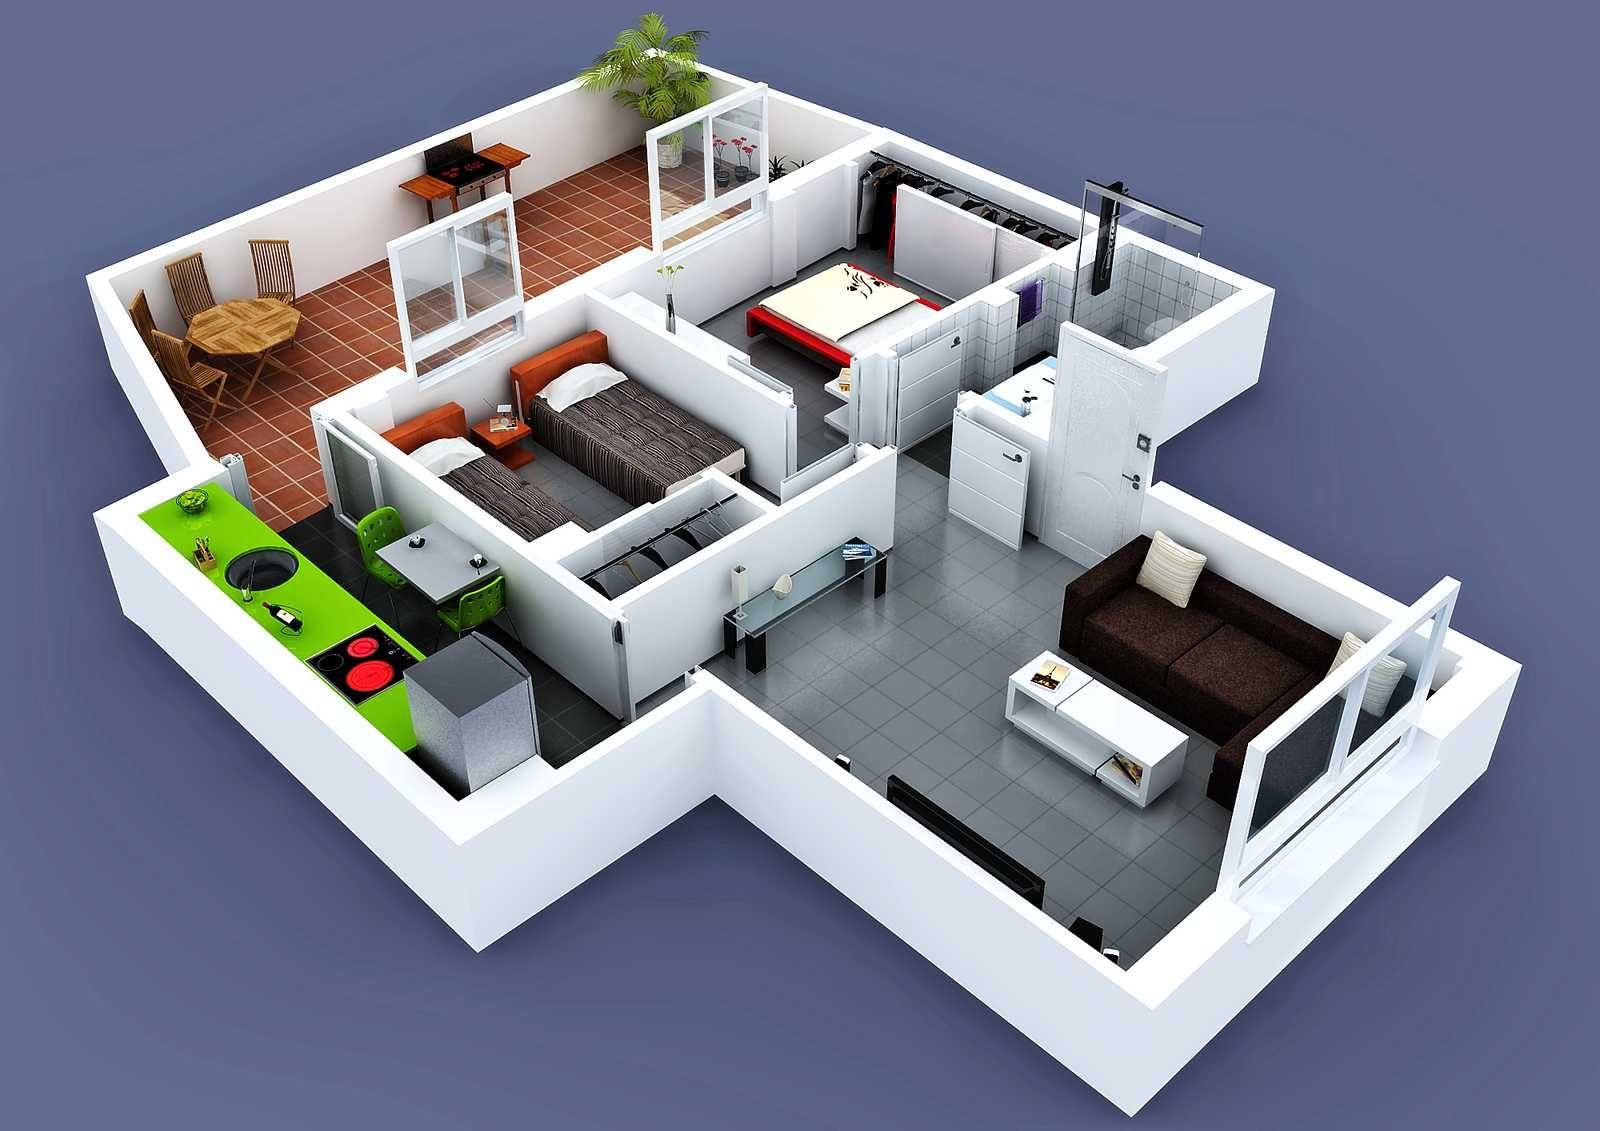 Planos 3d casas buscar con google planos 3d pinterest casas planos de casas y casas - Construir casas en 3d ...